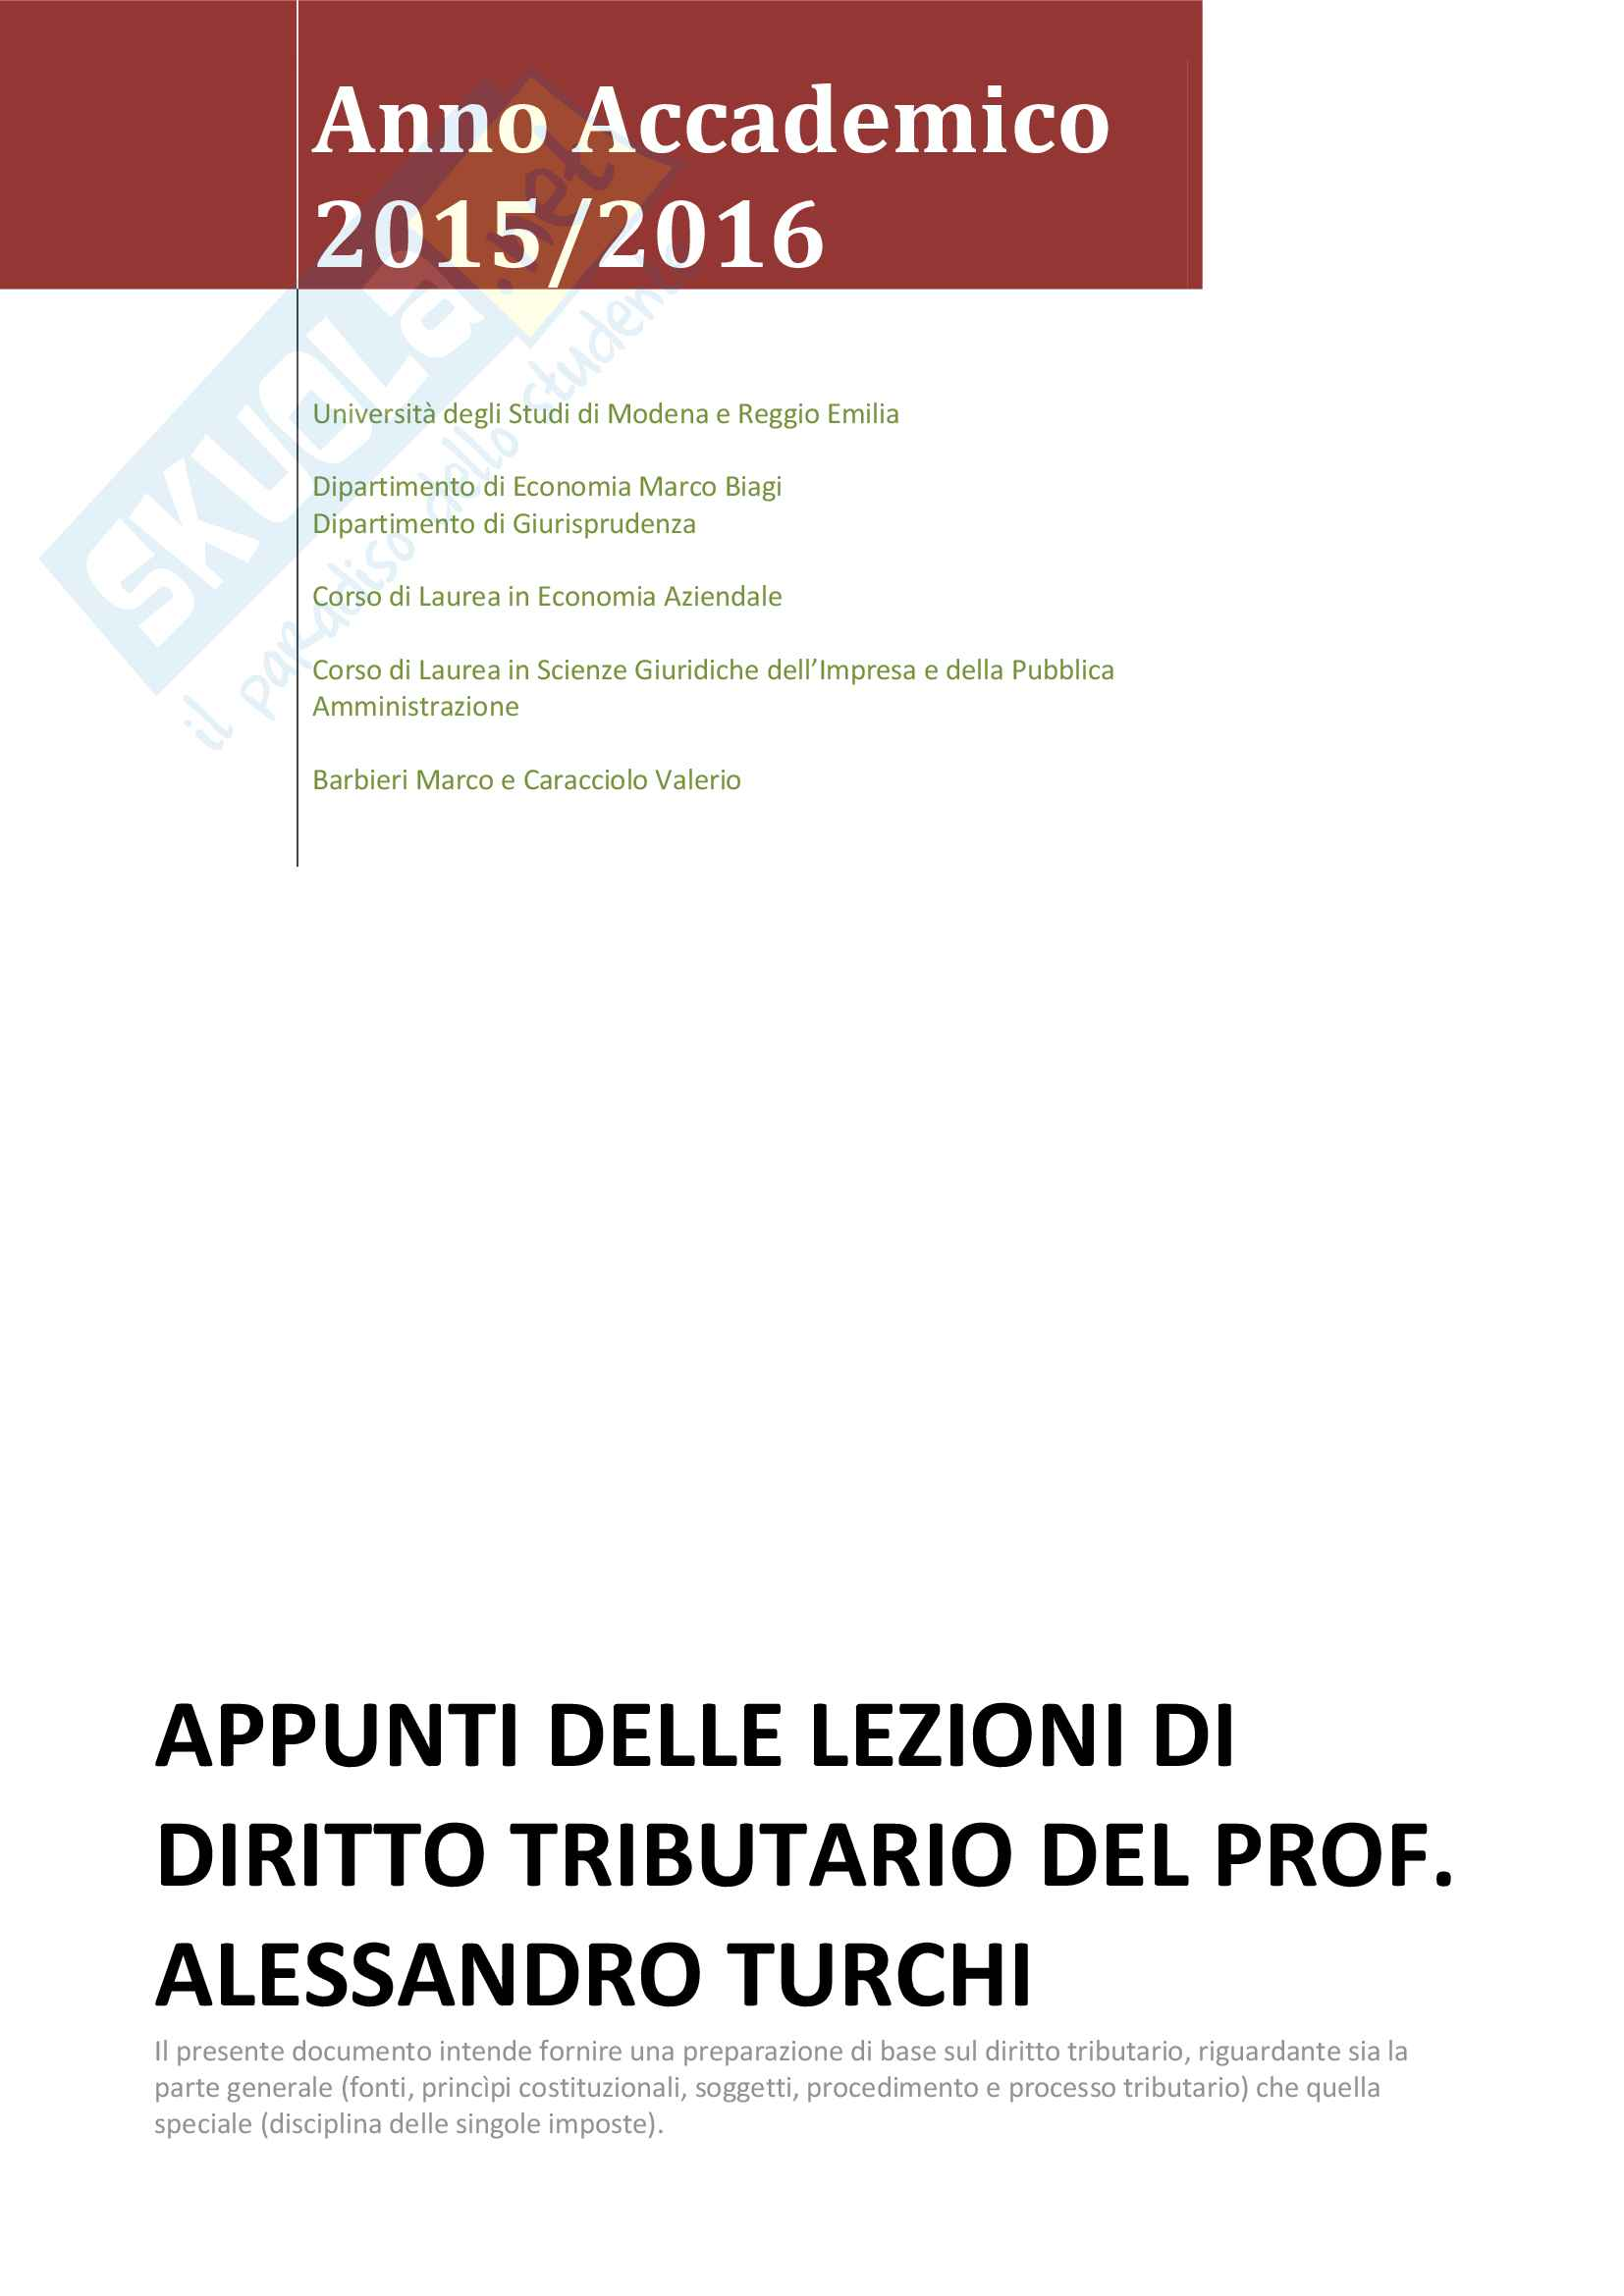 Appunti delle lezioni di Diritto Tributario del Prof. Alessandro Turchi, Anno Accademico 2015/2016